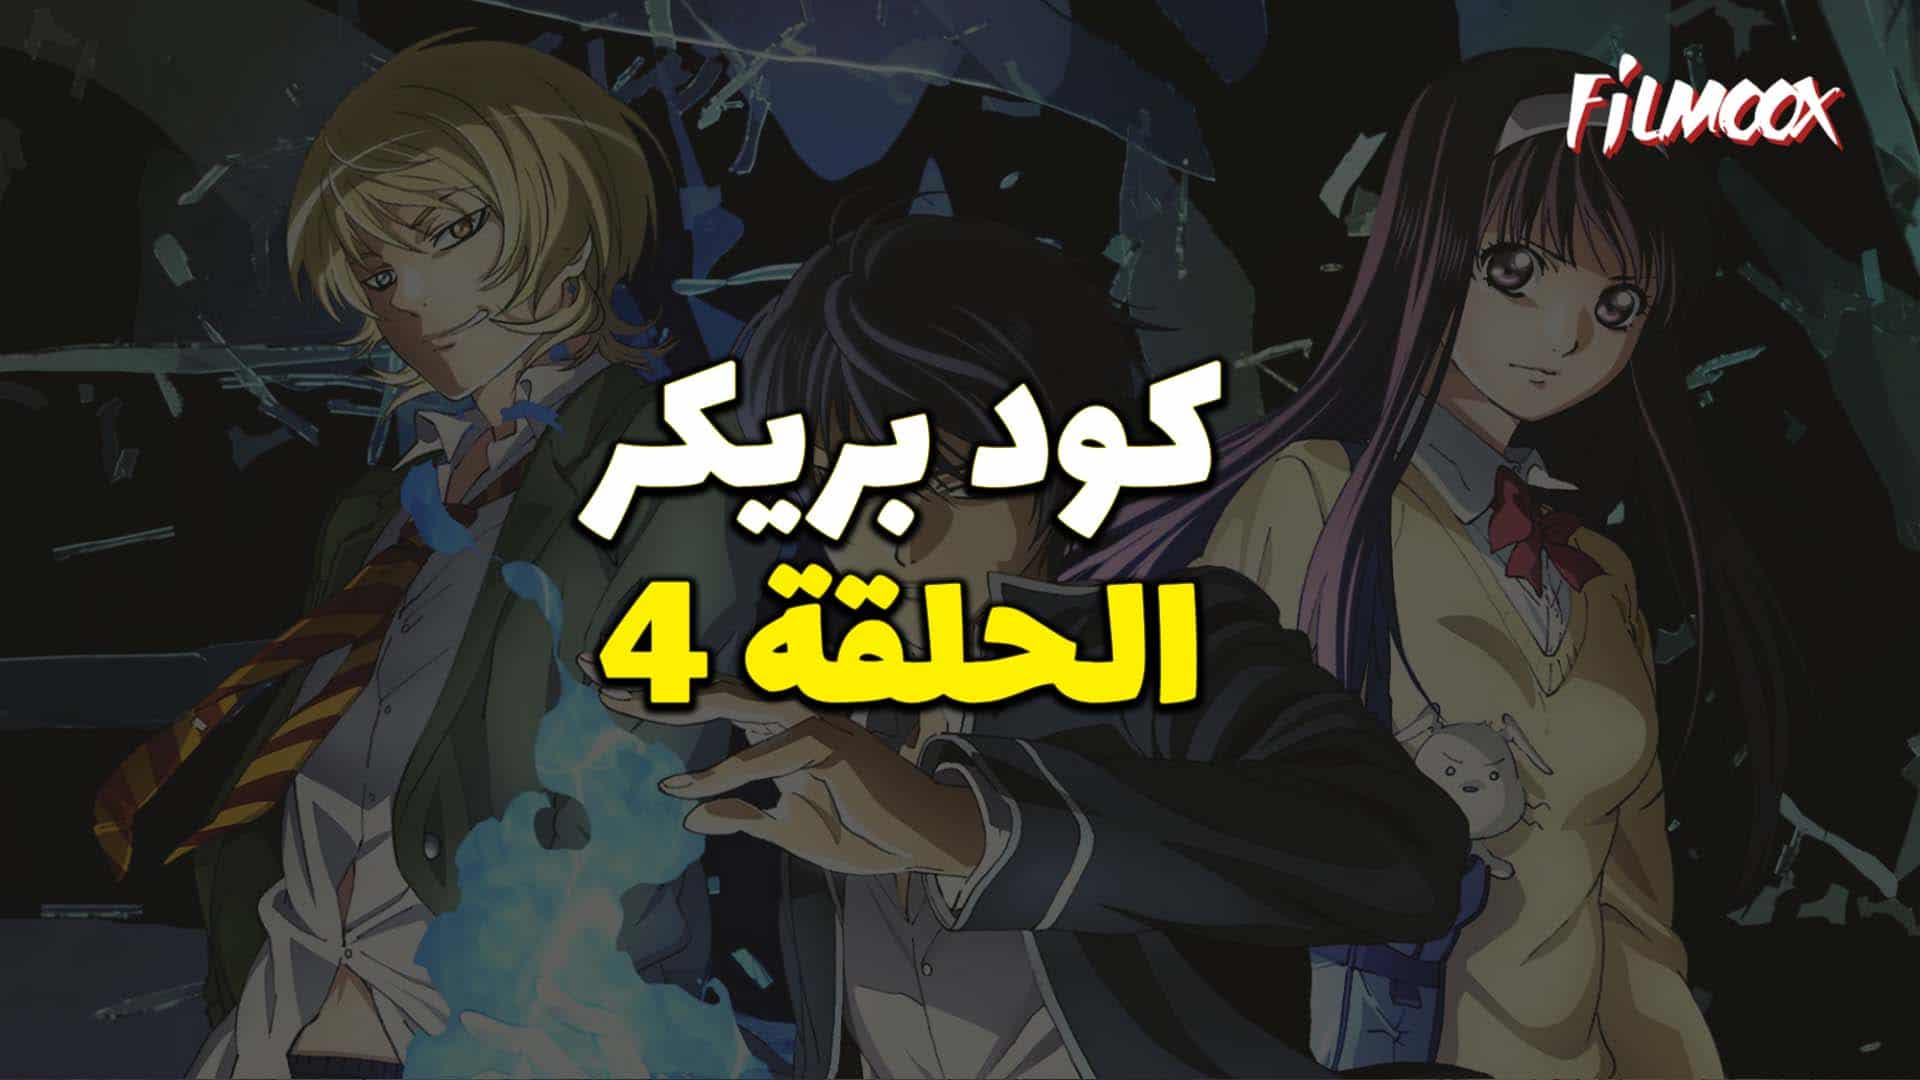 انمي Code Breaker الحلقة 4 مدبلج